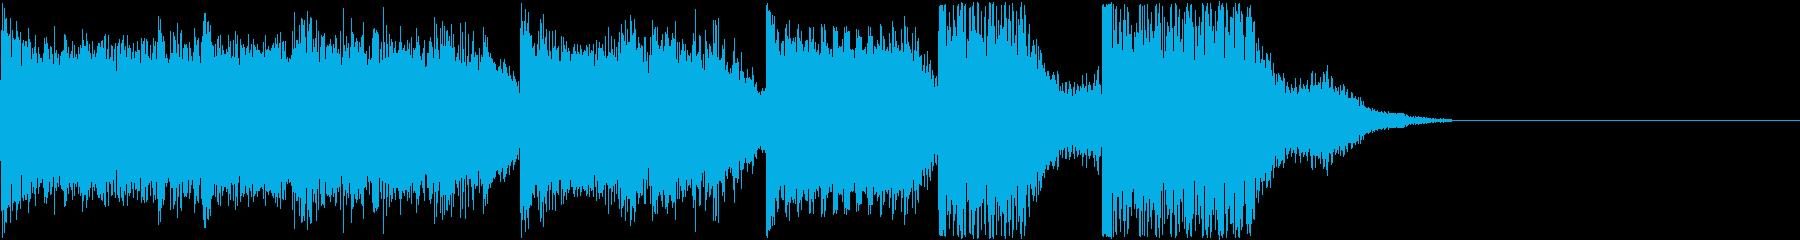 AI メカ/ロボ/マシン動作音 34の再生済みの波形